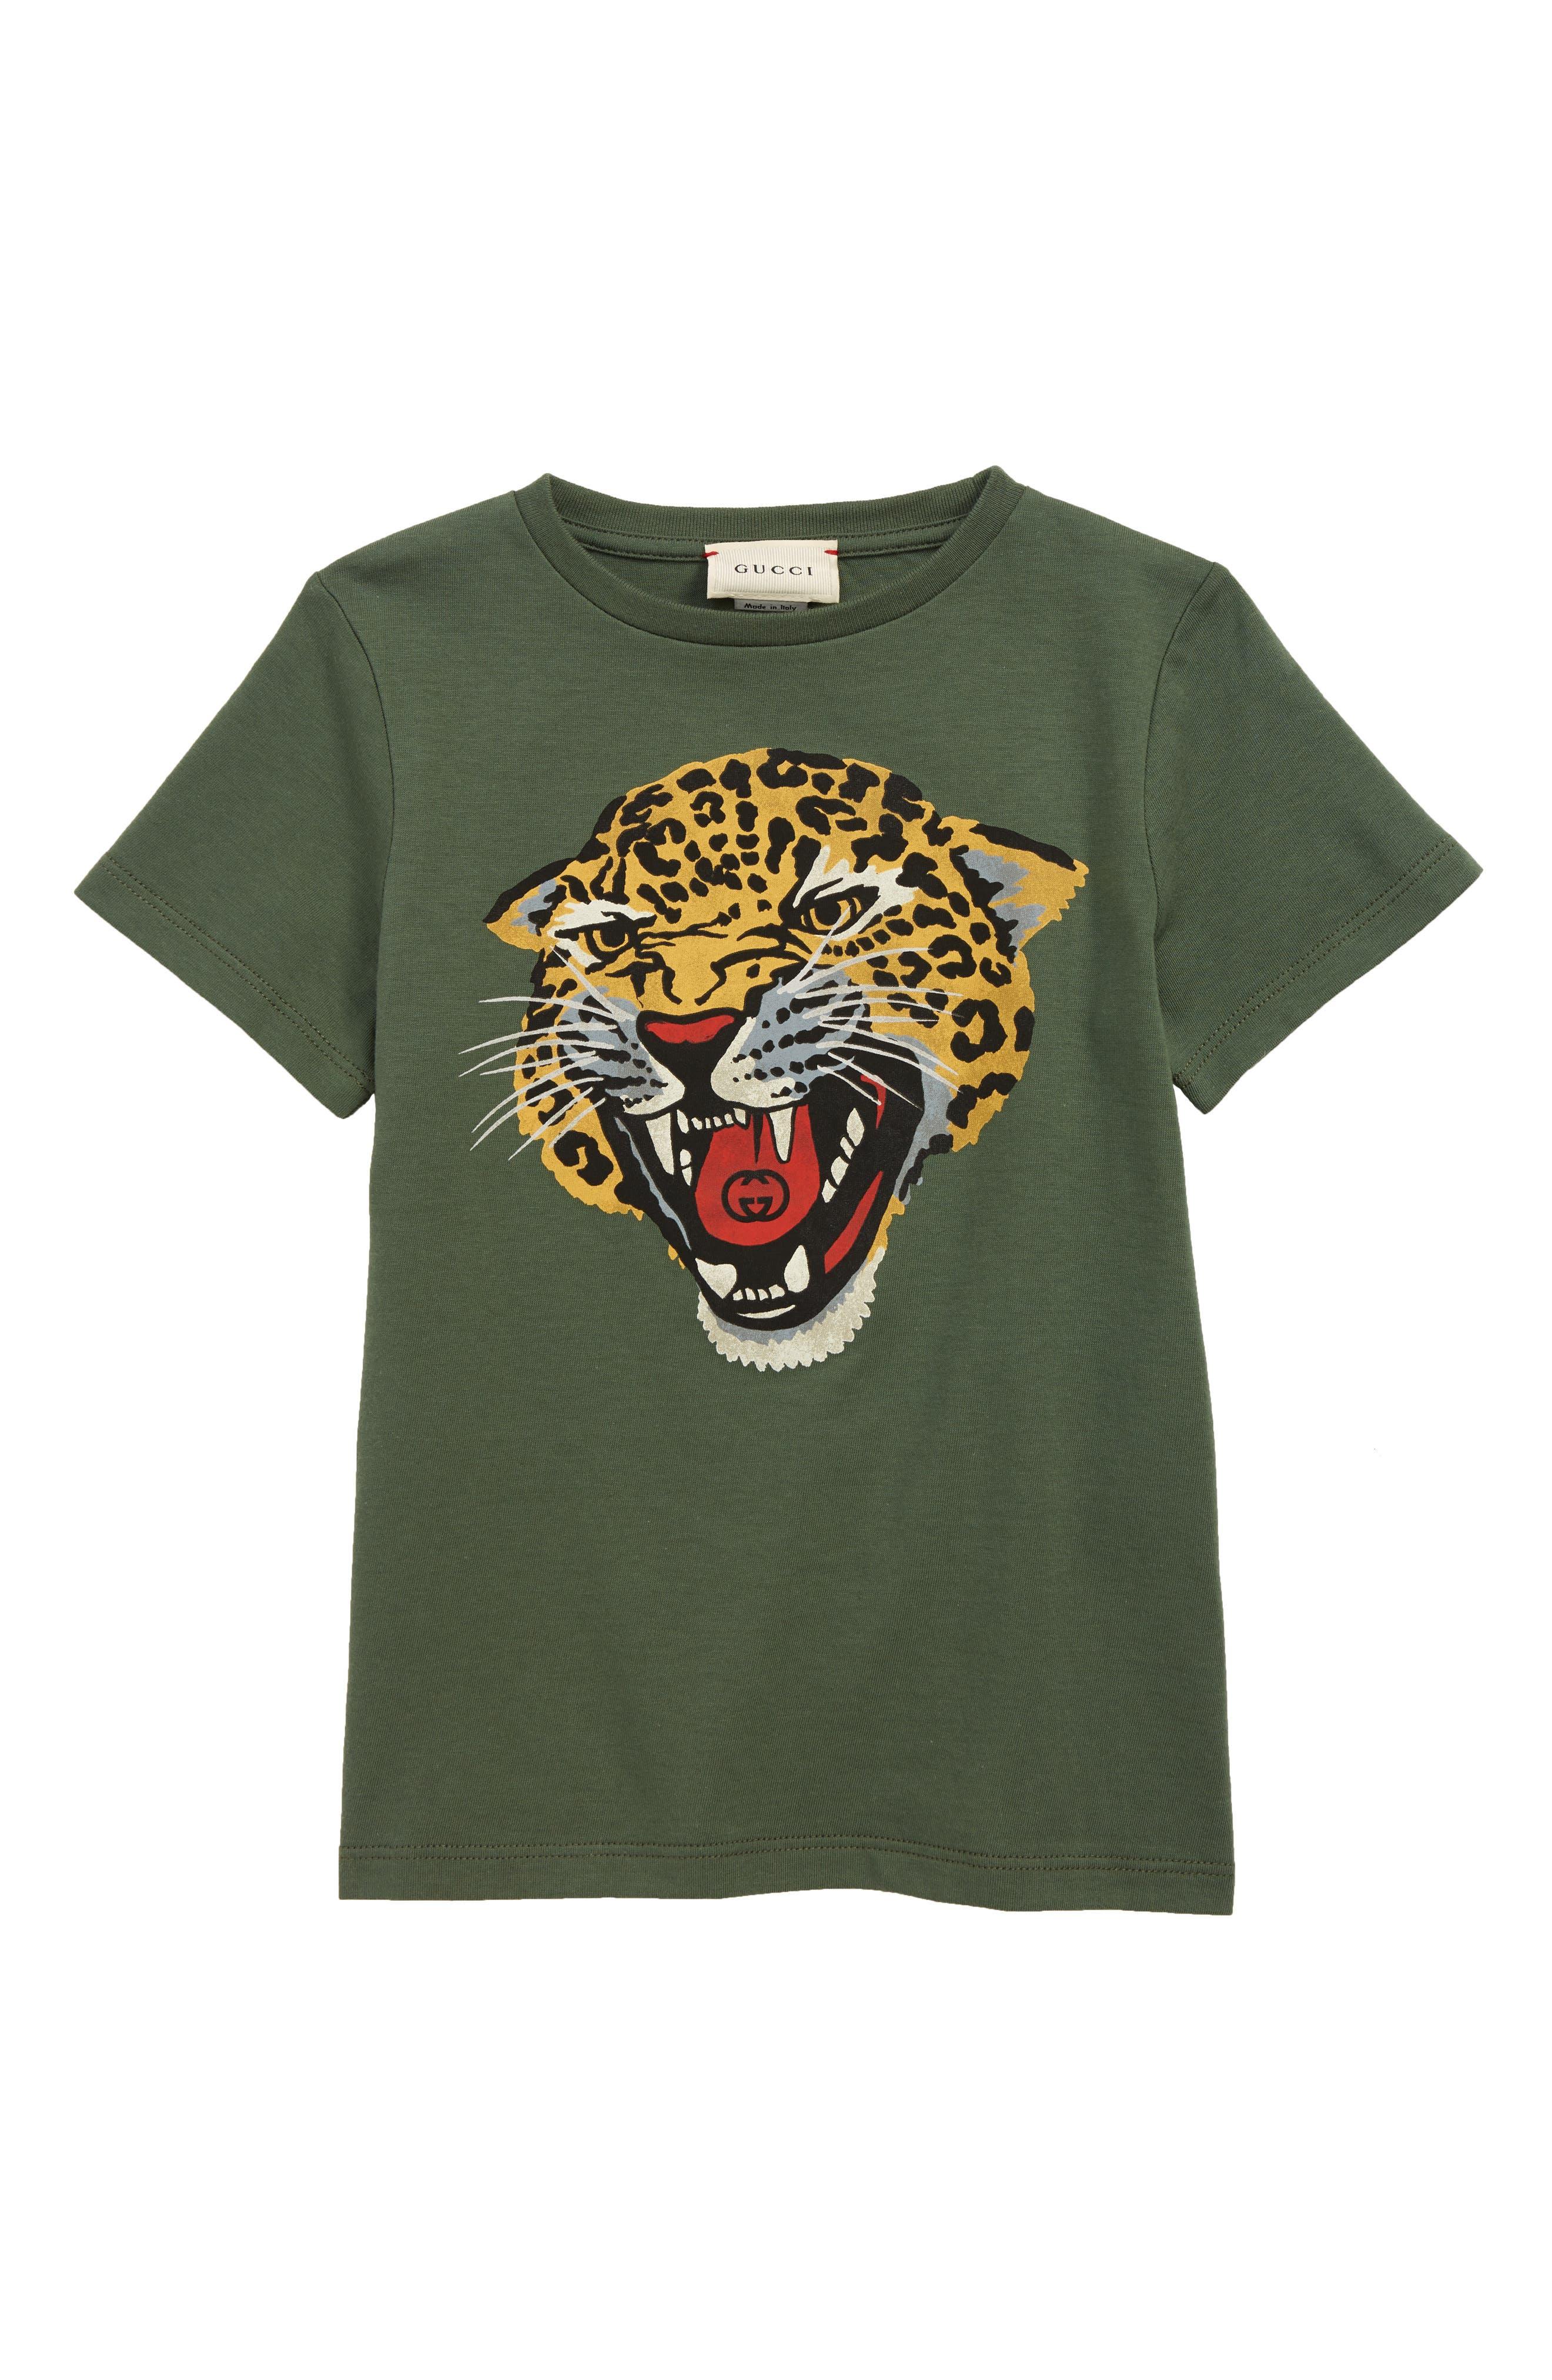 Boys Gucci Graphic TShirt